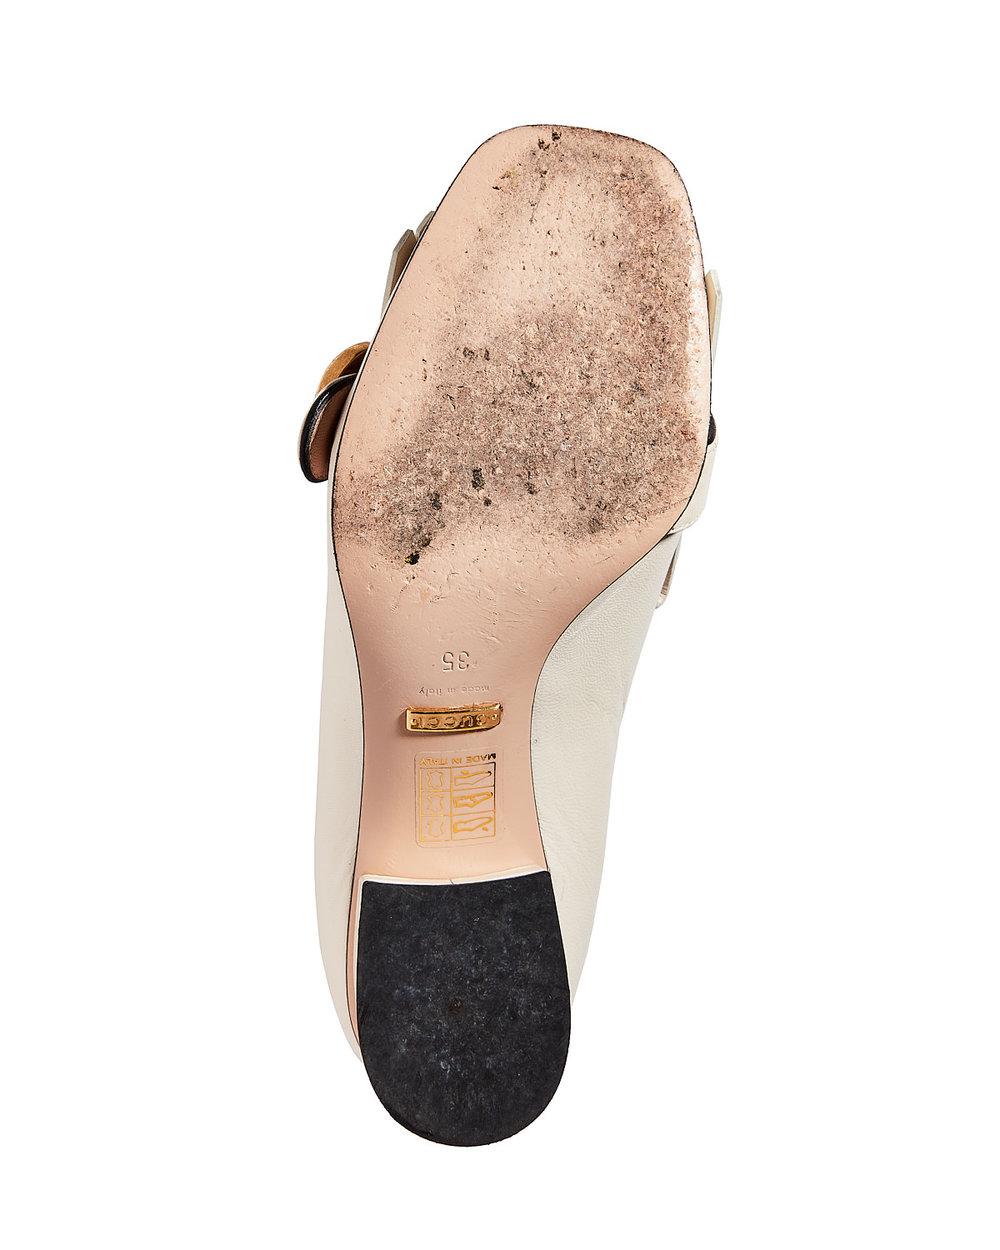 SOLES_GUCCI_WHITE_PUMP_18602.jpg